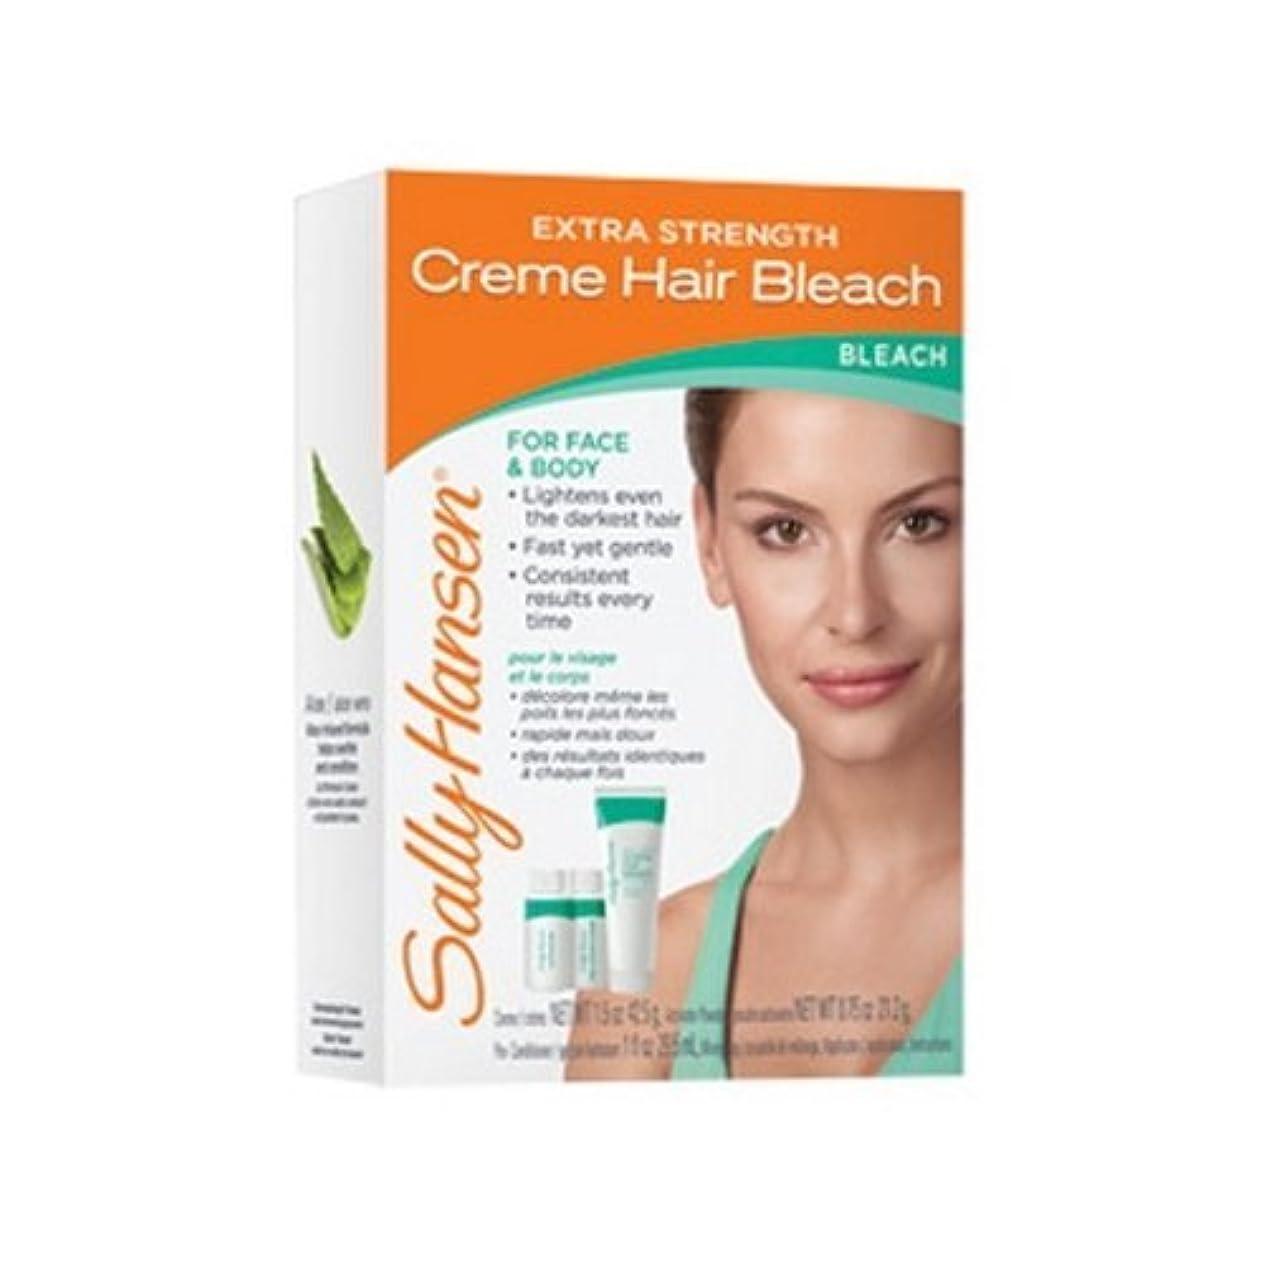 ピア大きいラッカス(3 Pack) SALLY HANSEN Extra Strength Creme Hair Bleach for Face & Body - SH2010 (並行輸入品)